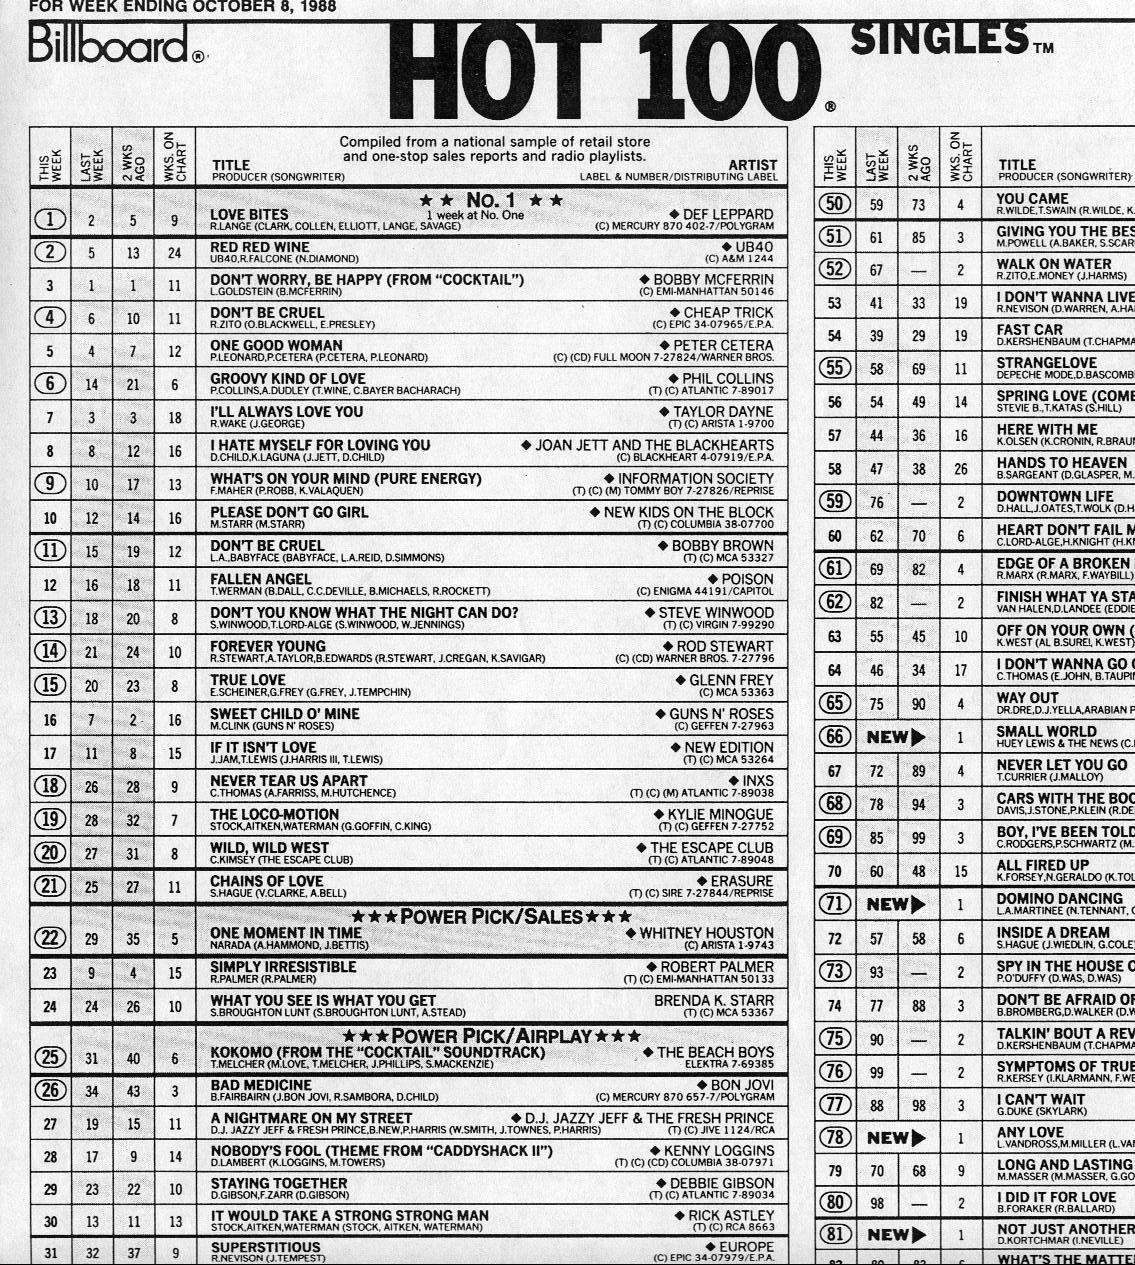 1988 - Billboard Hot 100 singles chart